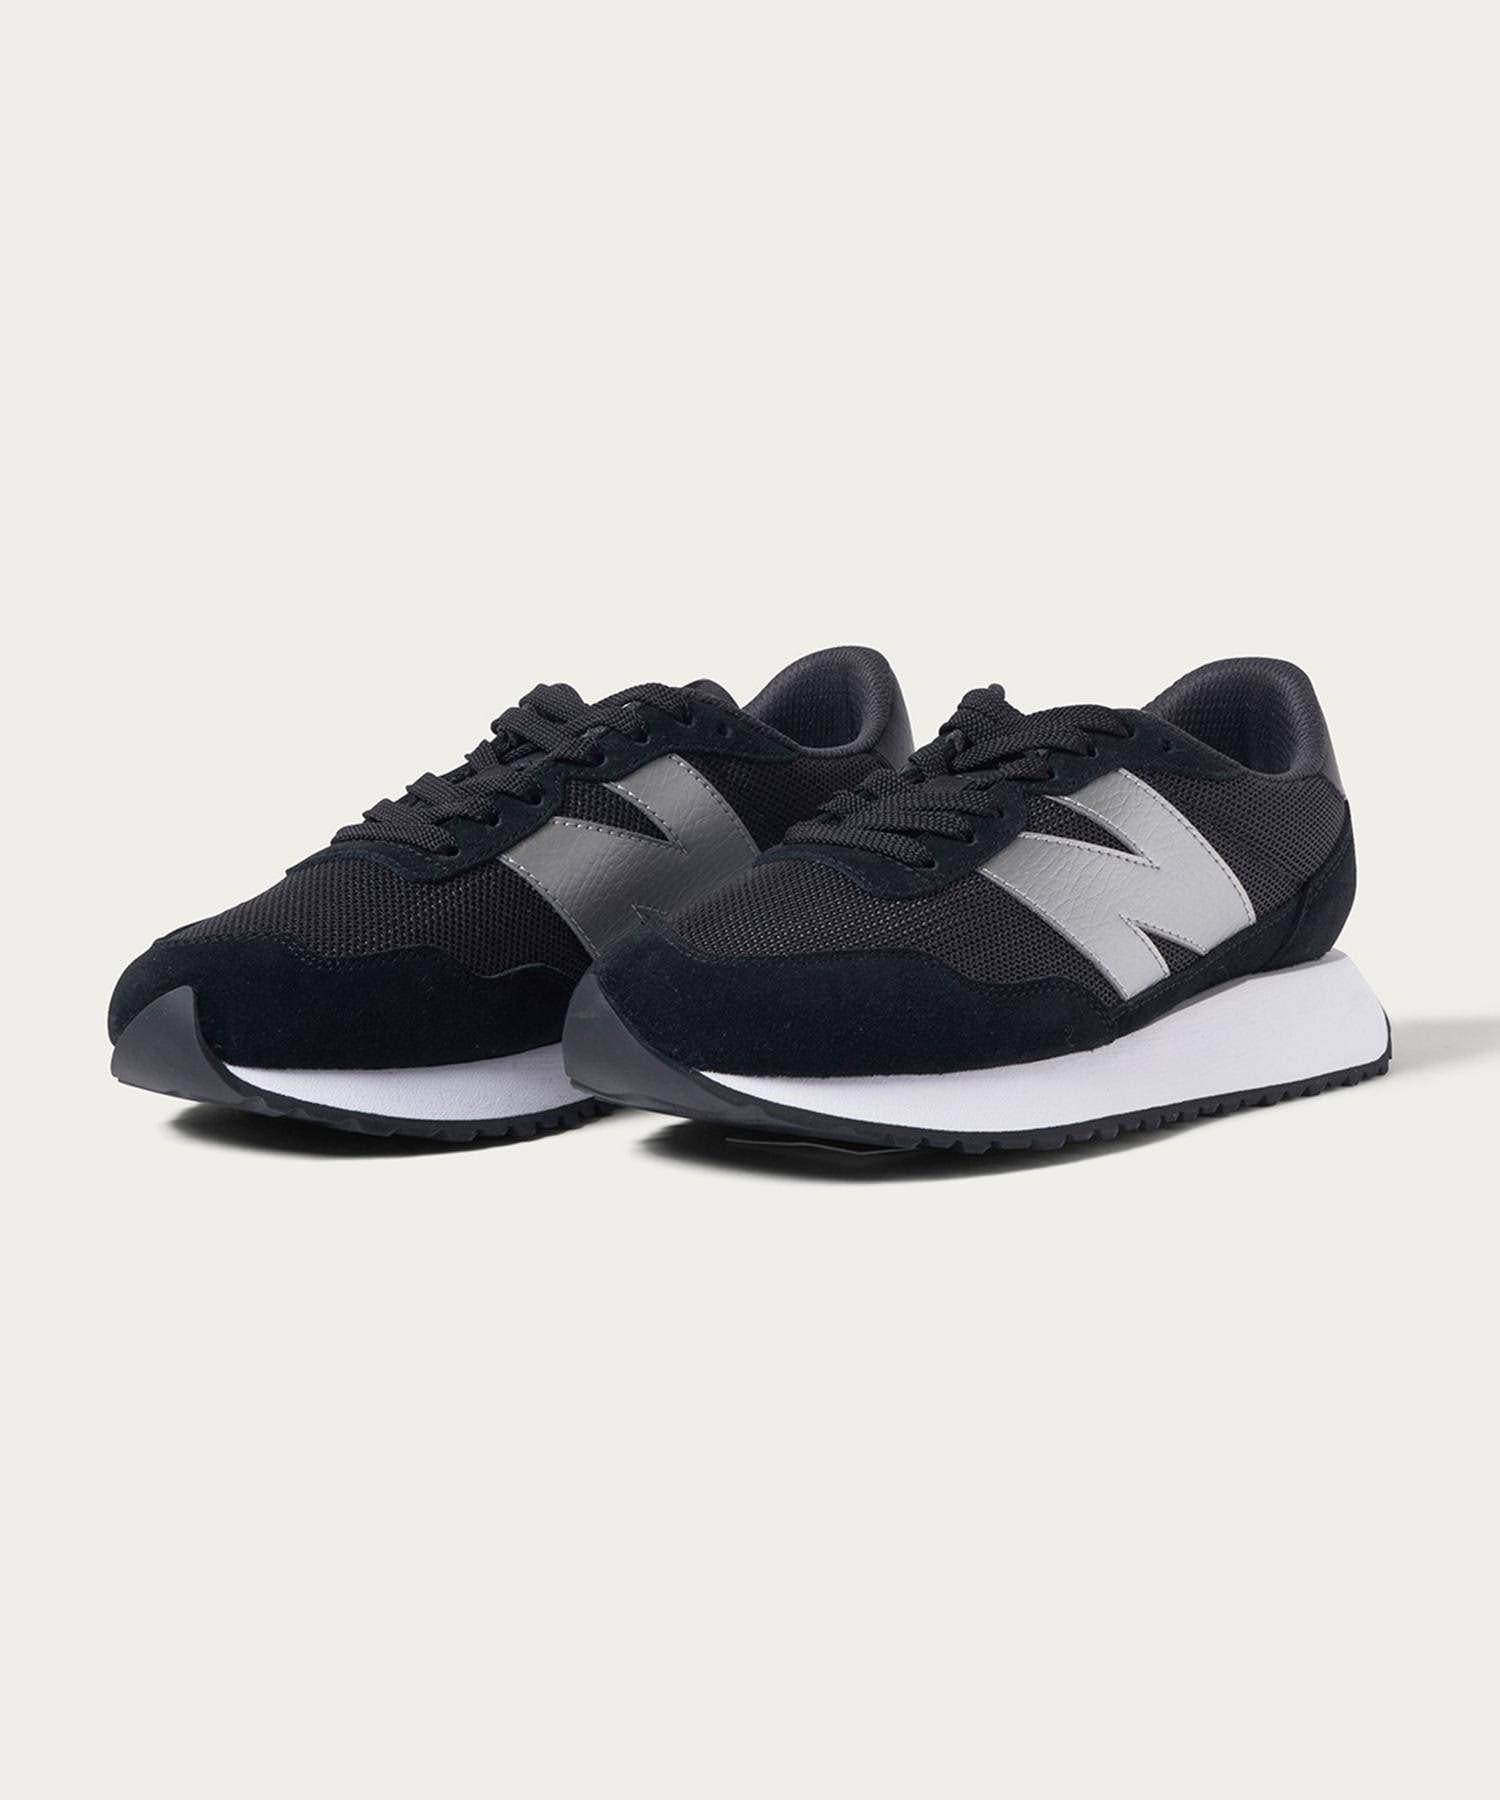 ニューバランス WS237/ ブラック New-Balance-WS237-Black-pair